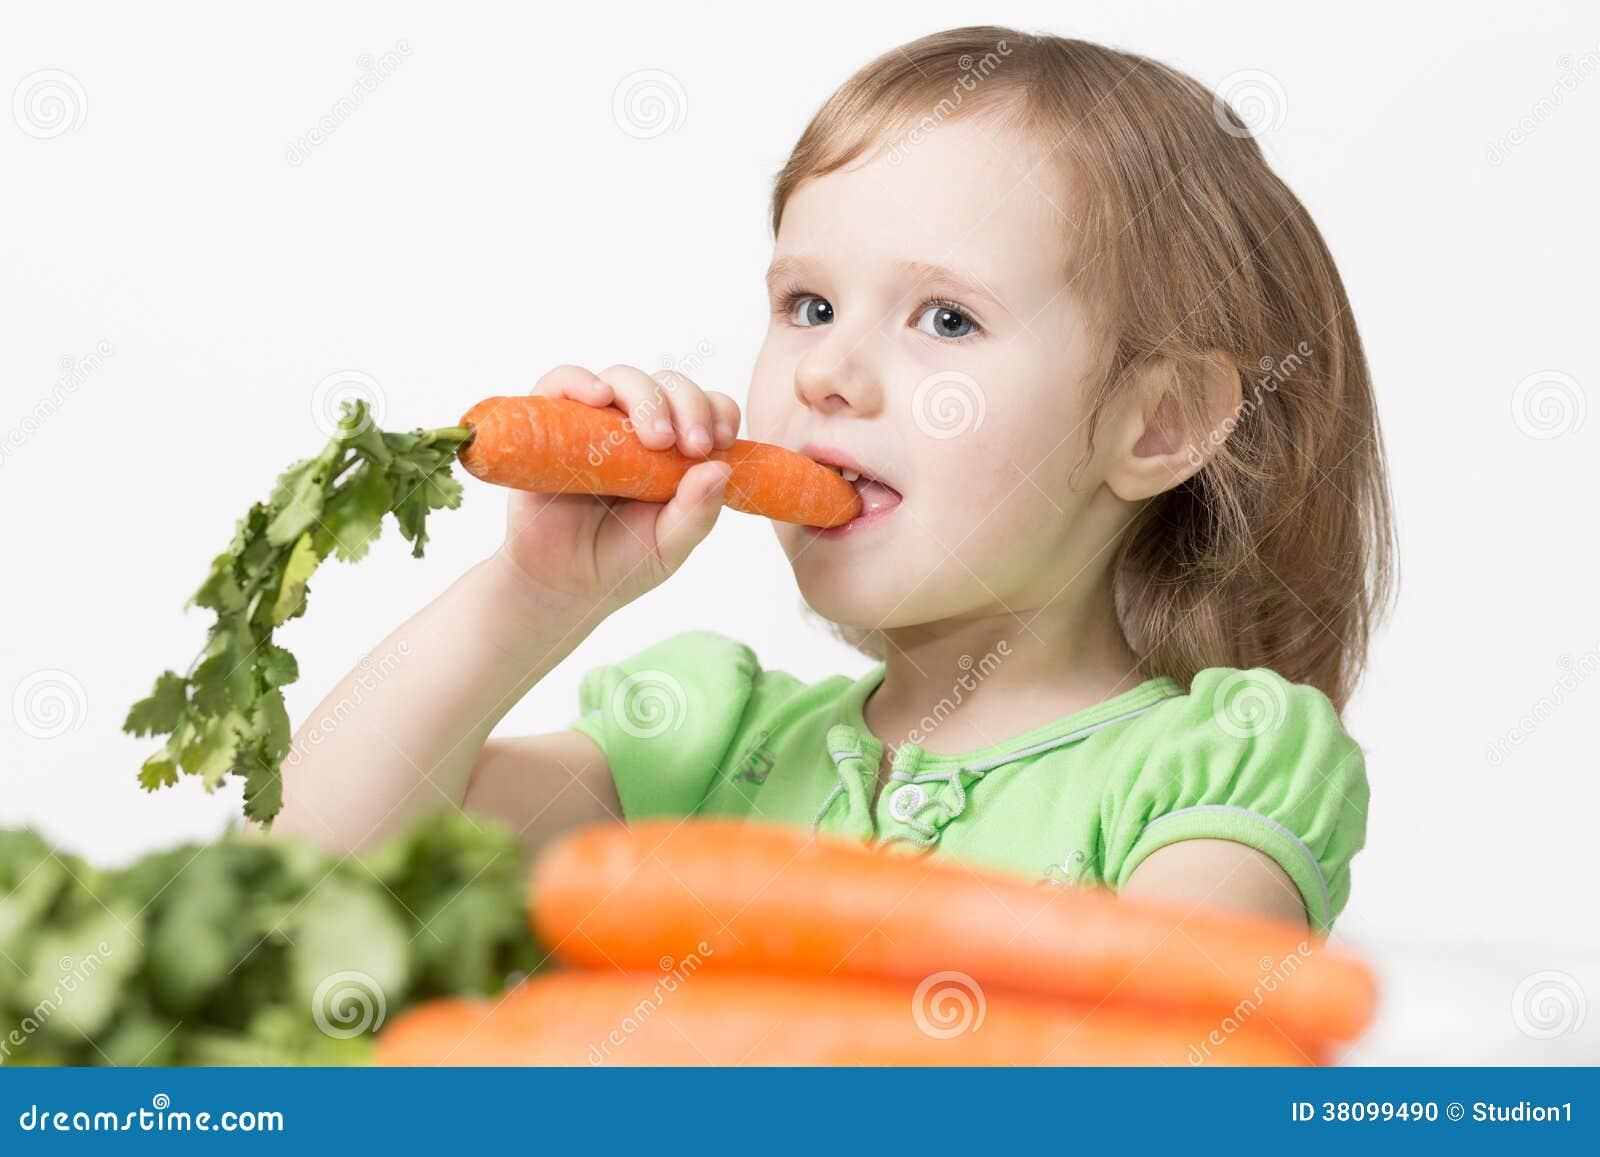 El ni o come una zanahoria foto de archivo imagen 38099490 for La zanahoria es una hortaliza